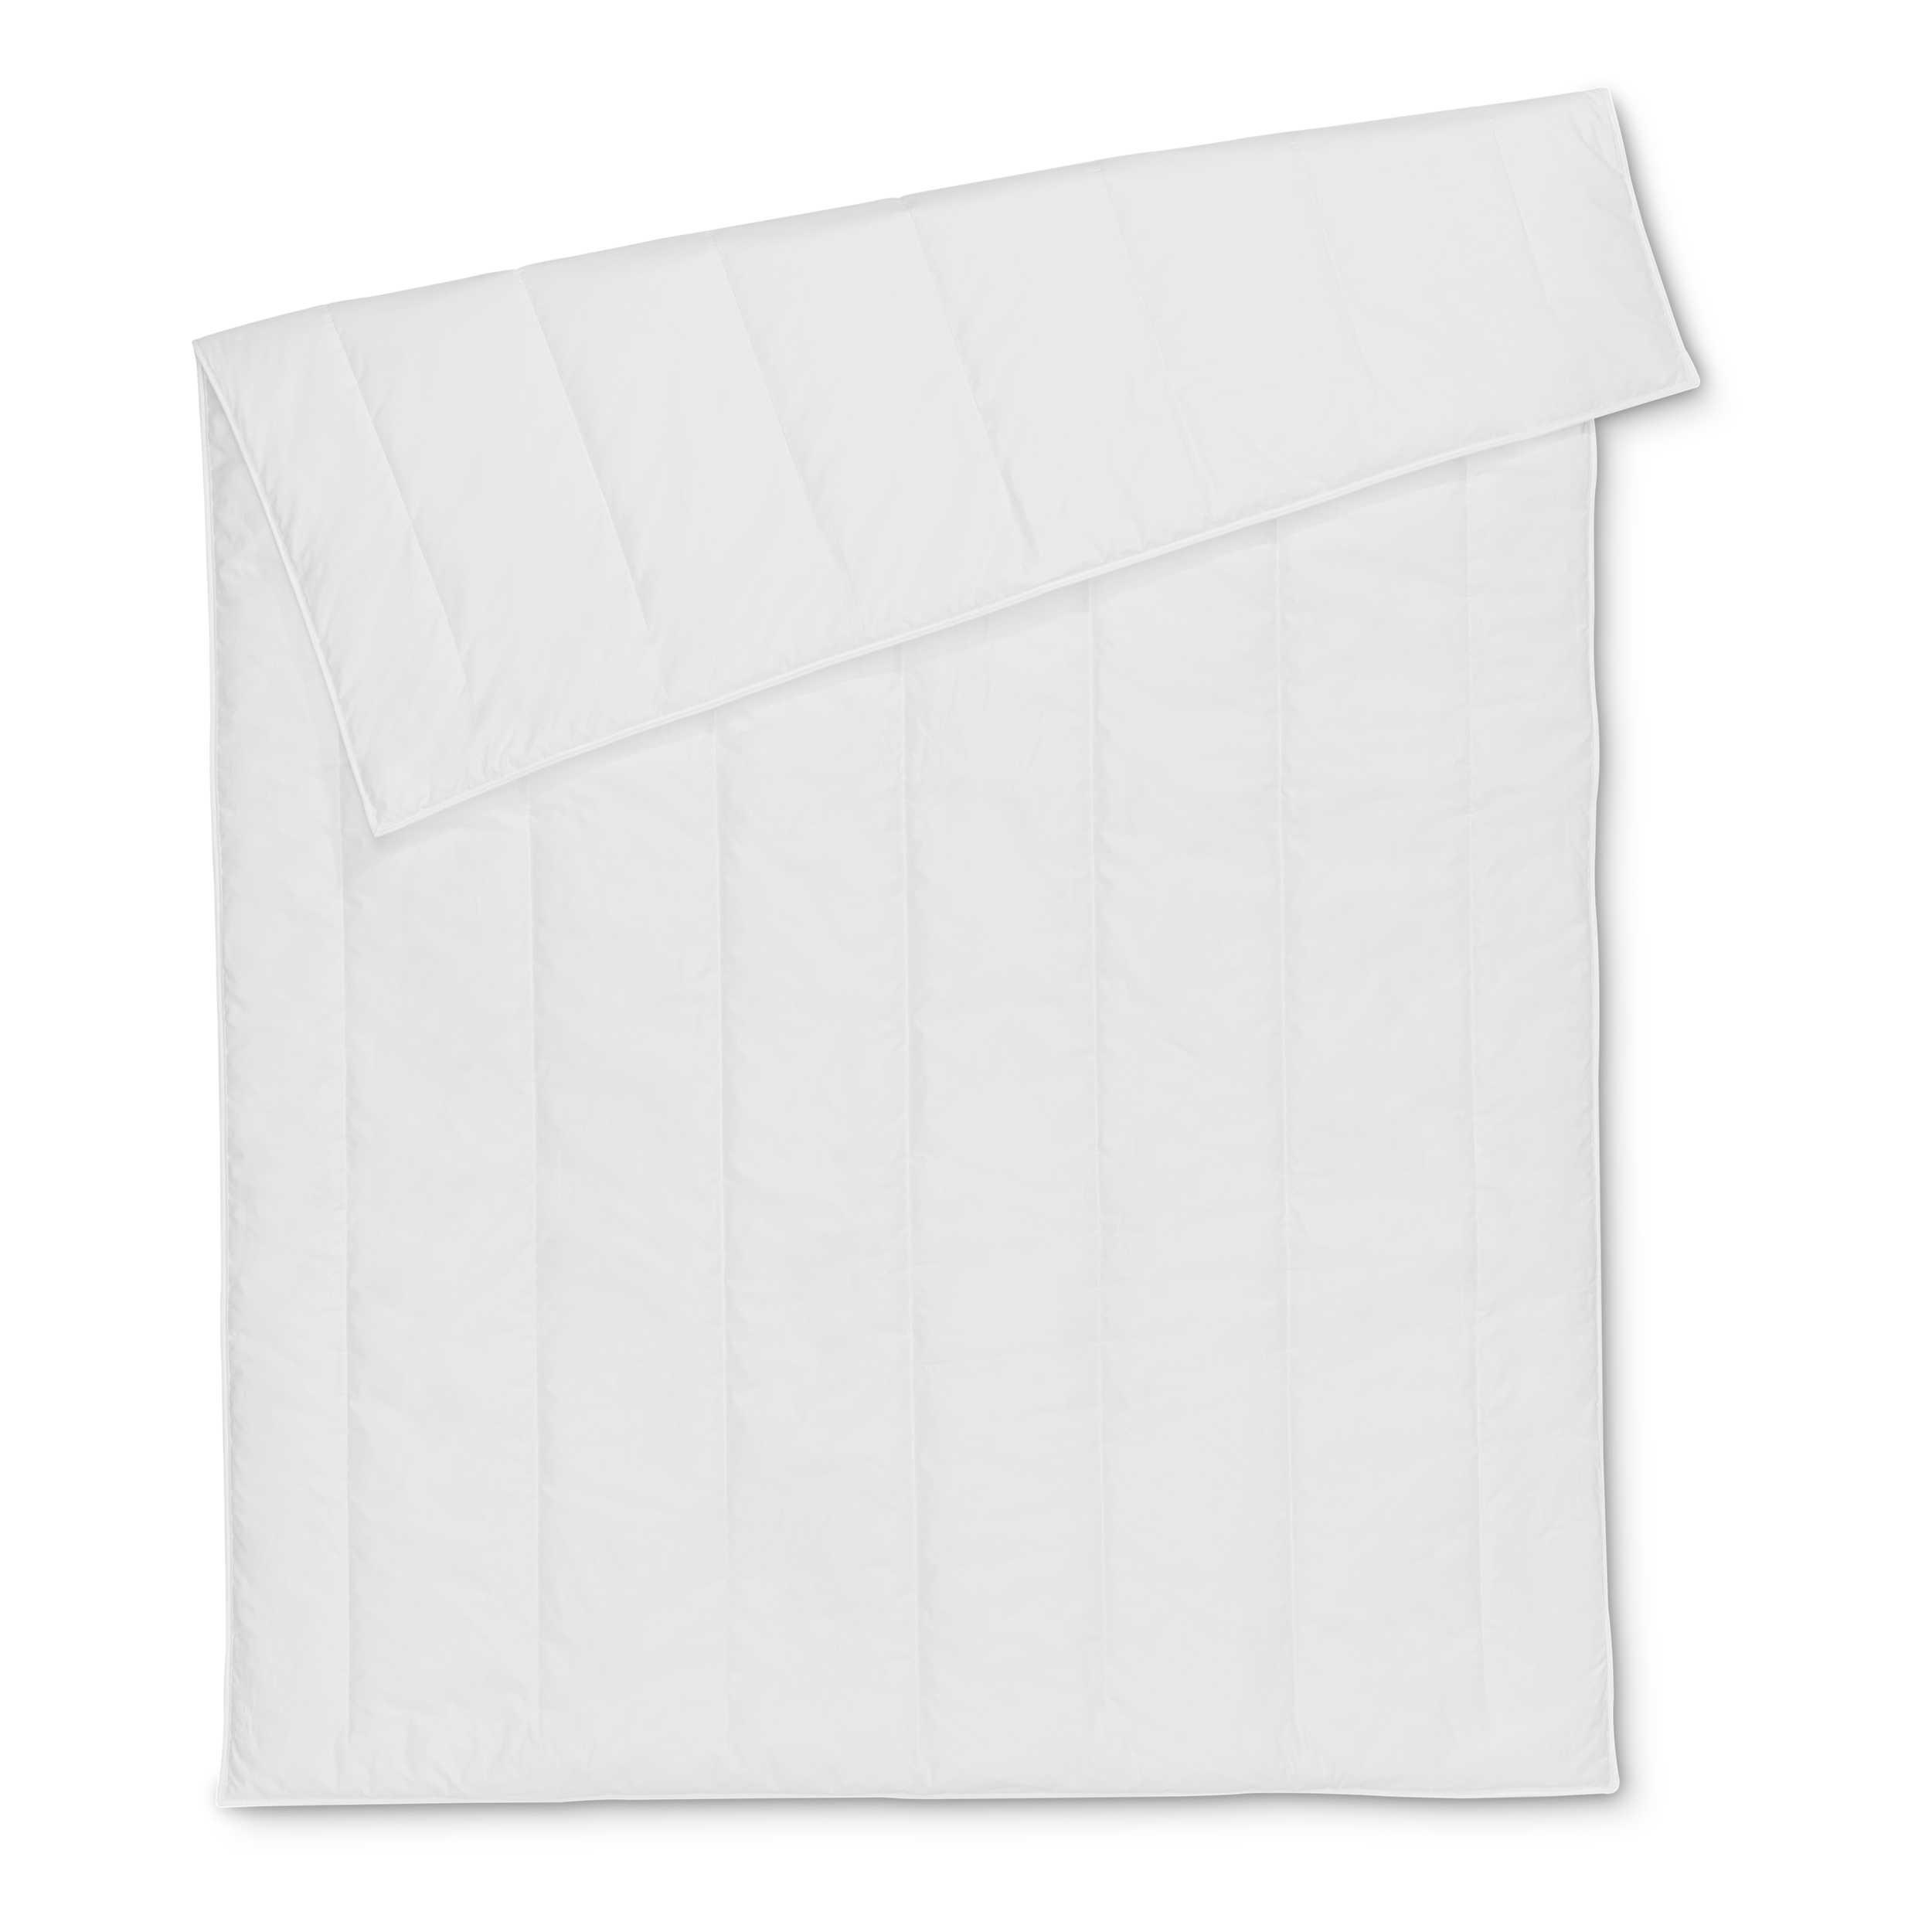 centa star faserbettdecke allergo protect 135x200cm wei baumwolle 135 x 200 cm online kaufen. Black Bedroom Furniture Sets. Home Design Ideas